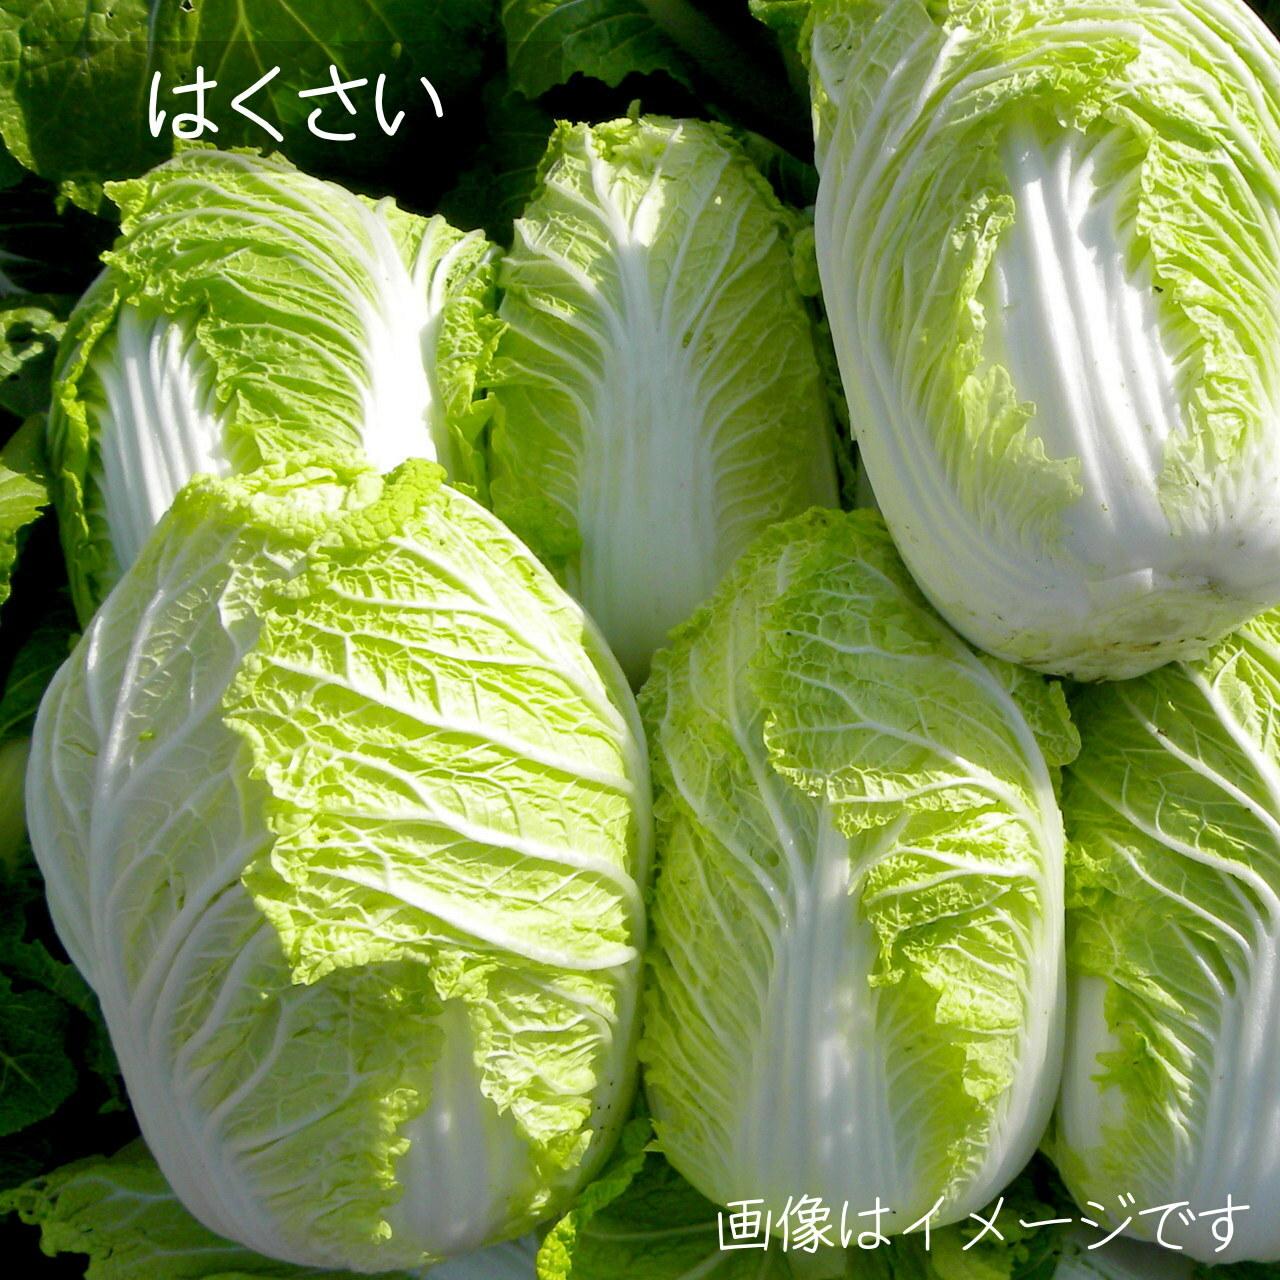 新鮮な冬野菜 : 白菜 1個 11月の朝採り直売野菜 11月23日発送予定